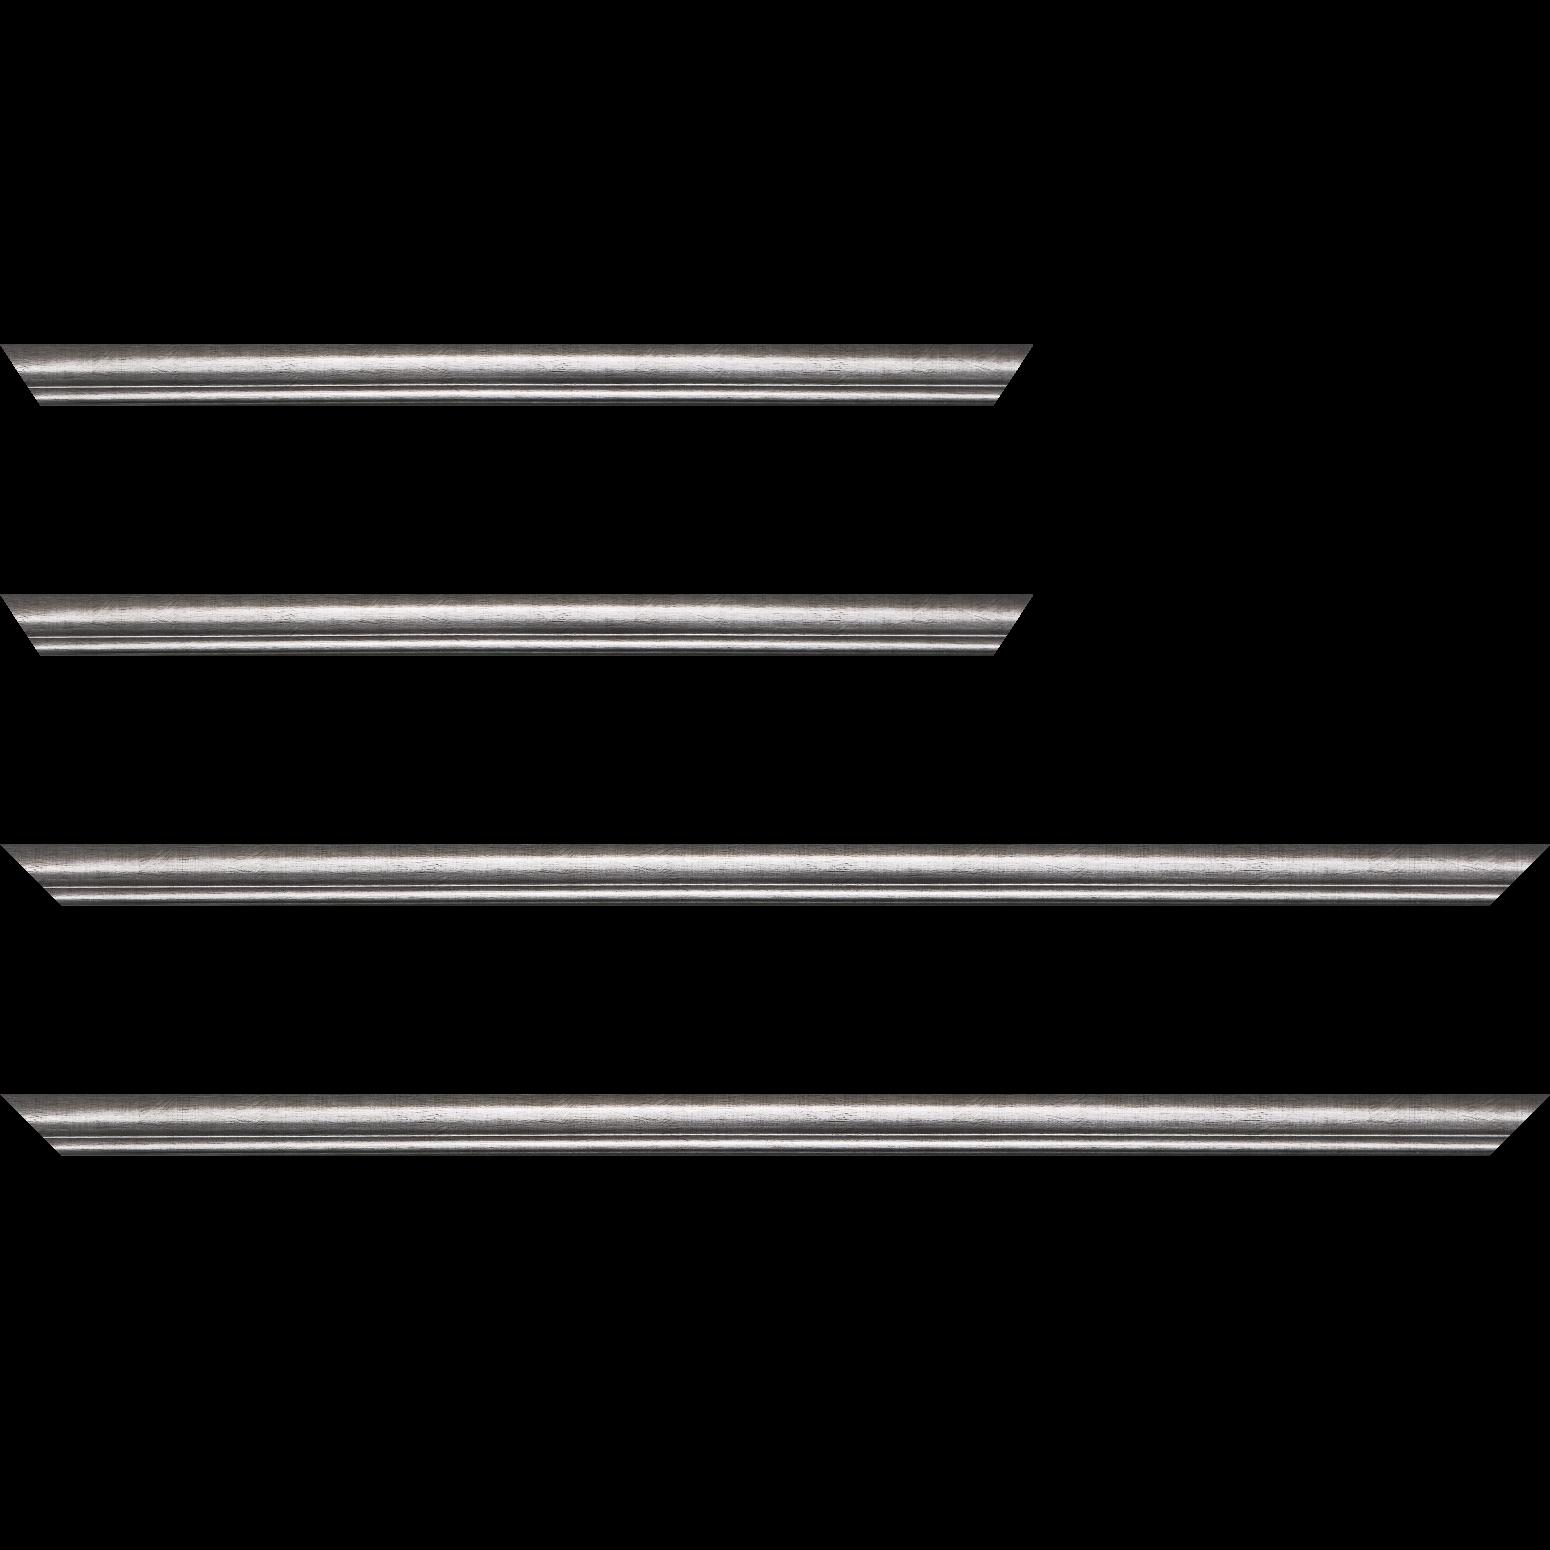 Baguette service précoupé Bois profil arrondi largeur 2.1cm couleur plomb filet plomb